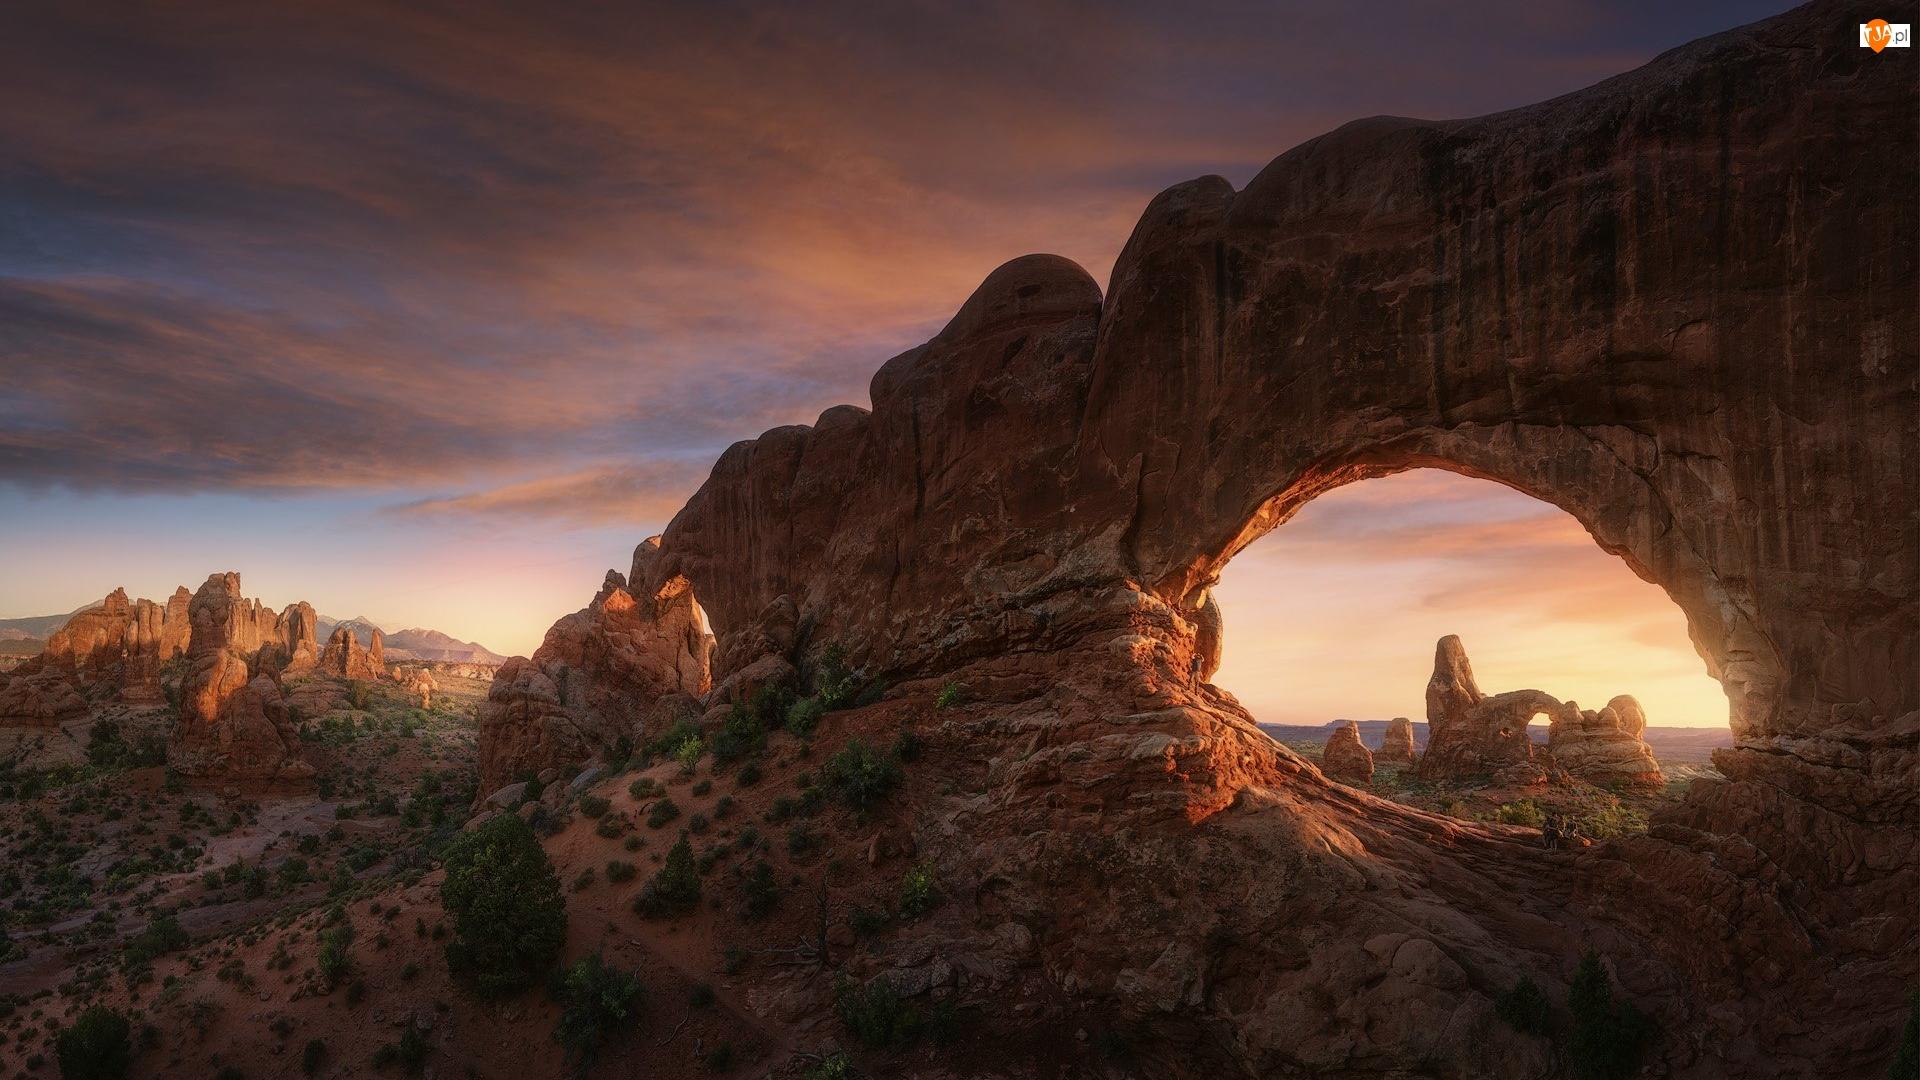 Łuk skalny, Park Narodowy Arches, Skały, Stany Zjednoczone, Double Arch, Stan Utah